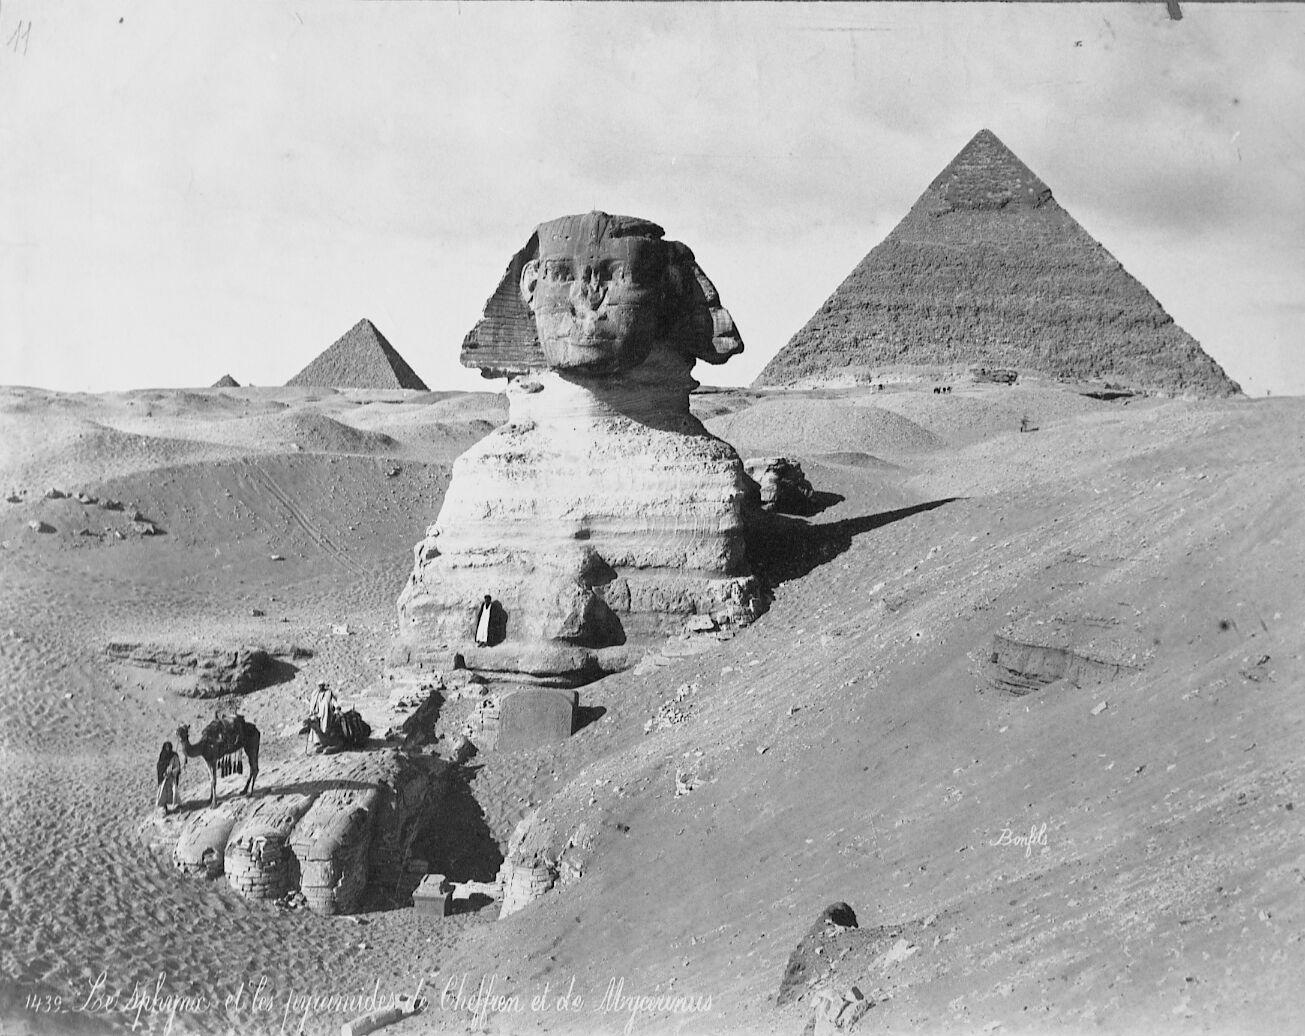 Sphinx/Sphinx temple: Site: Giza; View: Sphinx